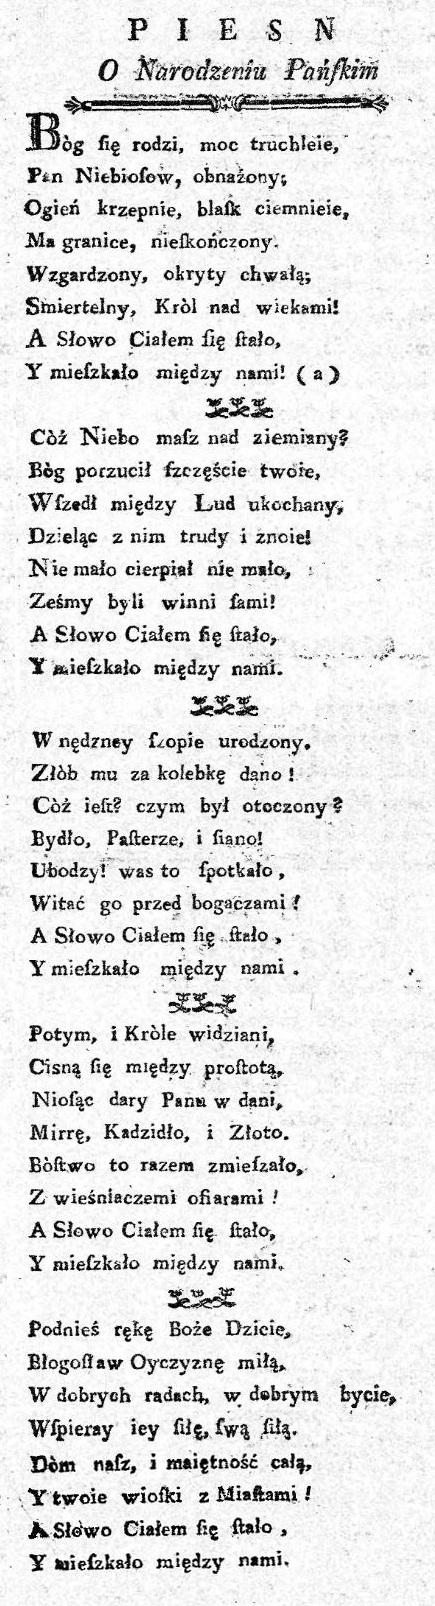 Franciszek-Karpi-ski-B-g-si-rodzi-1792